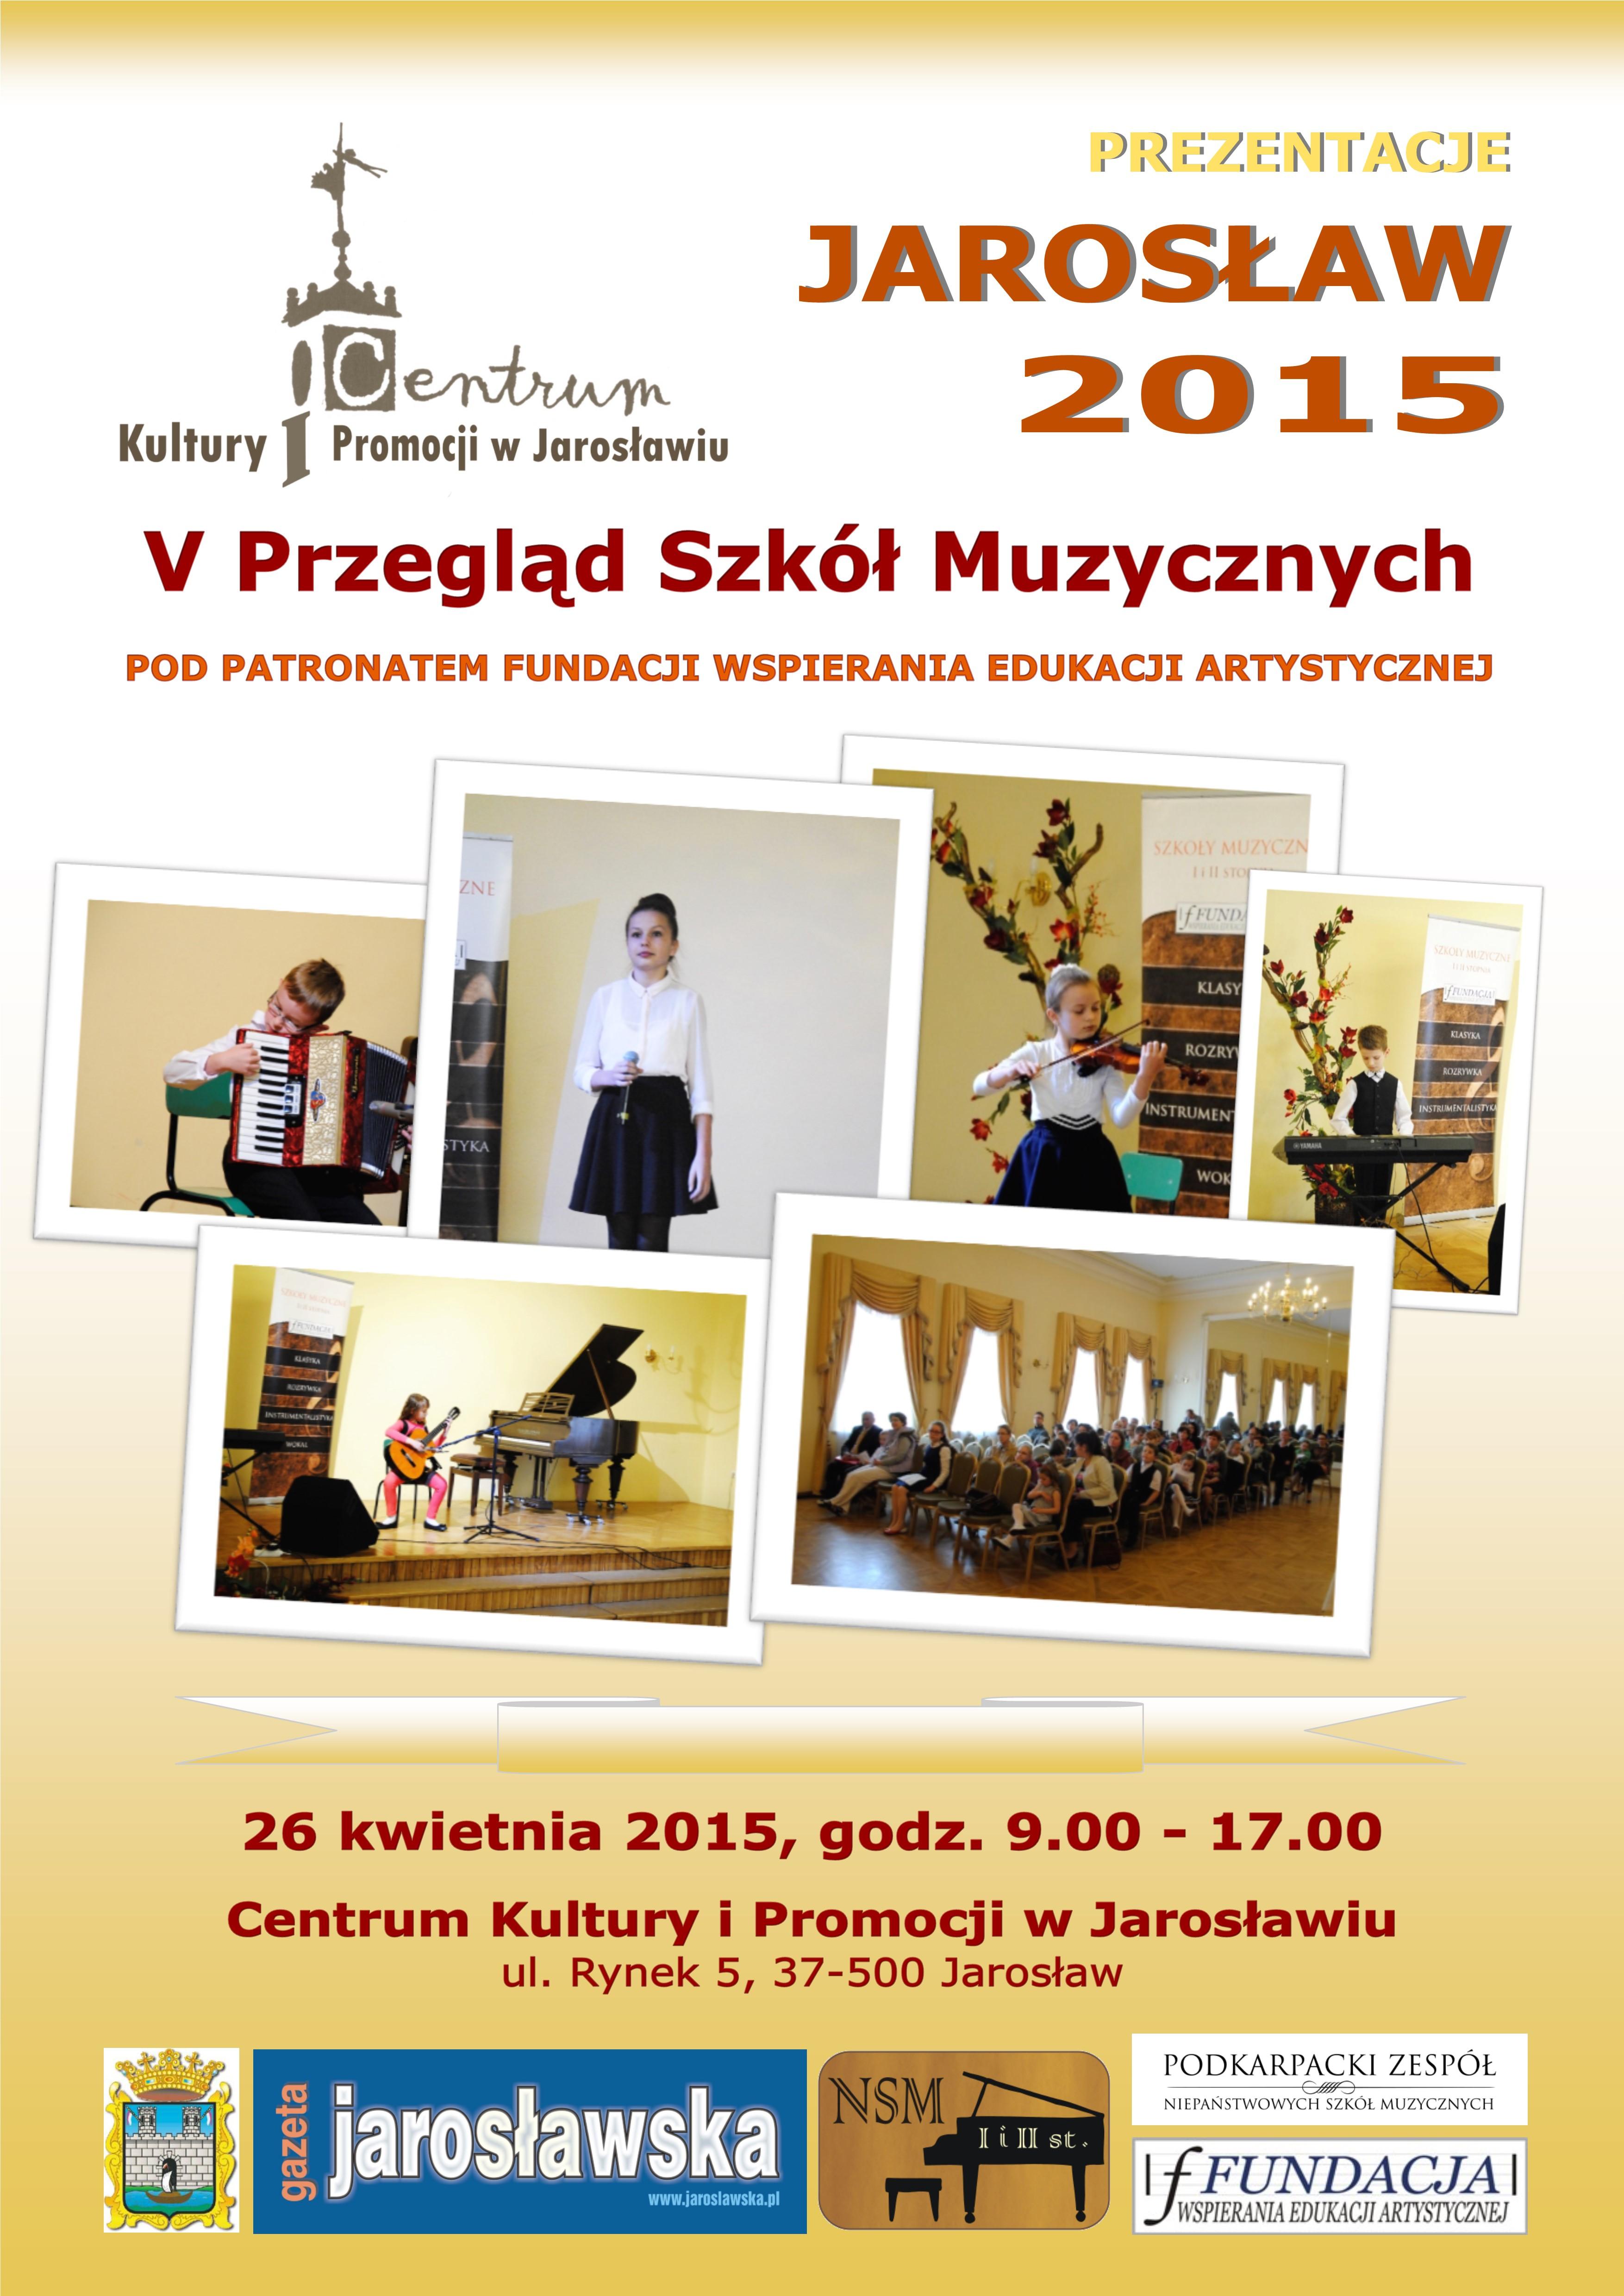 V Przegląd Szkół Muzycznych - Jarosław 2015